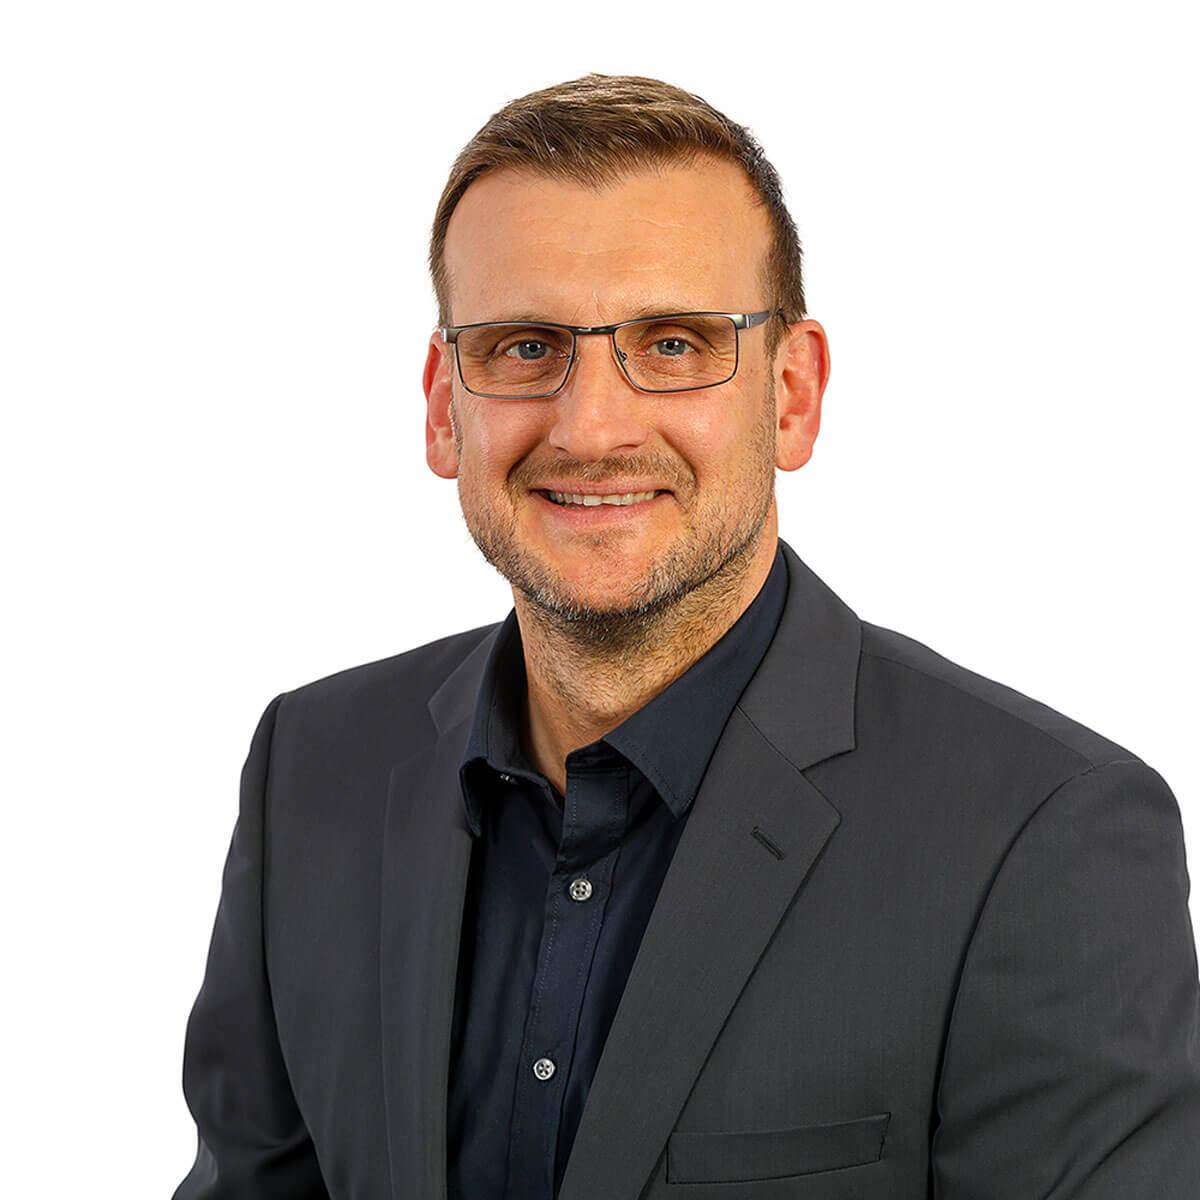 Sascha Schucht Projektleiter bei Kocher Elektrotechnik Dortmund.